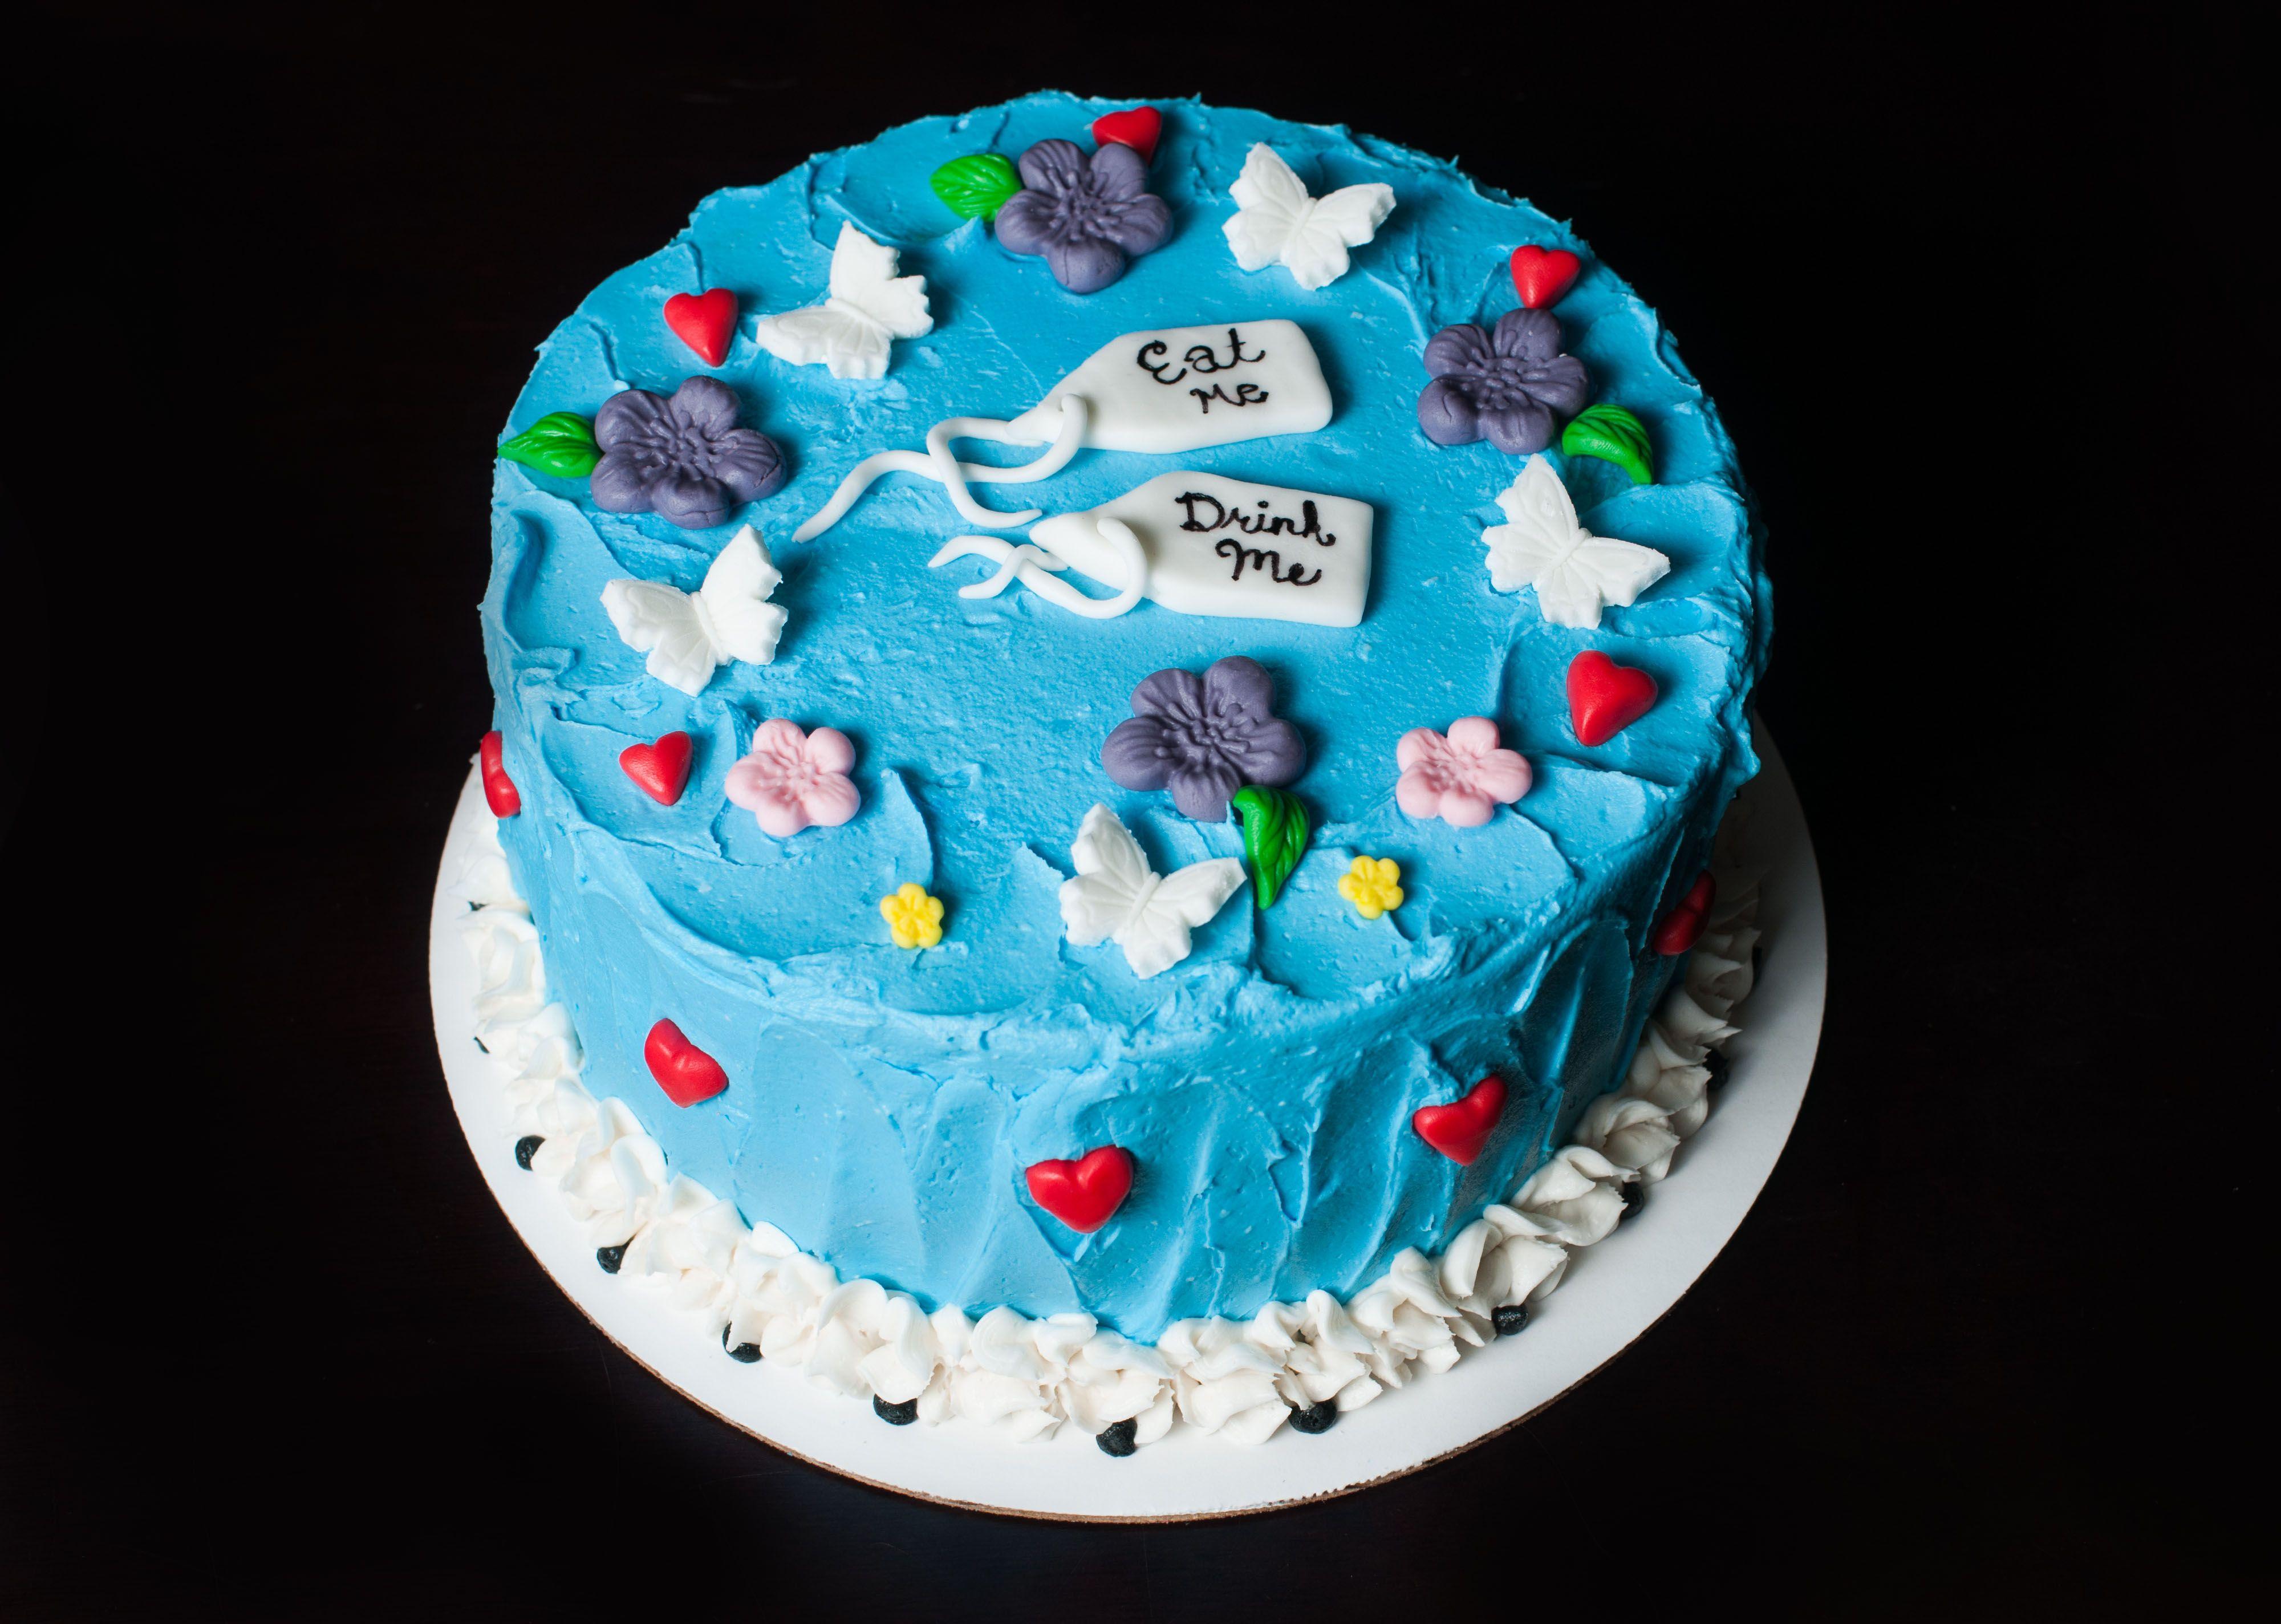 Alice in Wonderland Cake - Alice in Wonderland Baby Shower Cake - Alice in Wonderland Themed Baby Shower Cake - Alice in Wonderland Themed Party Cake